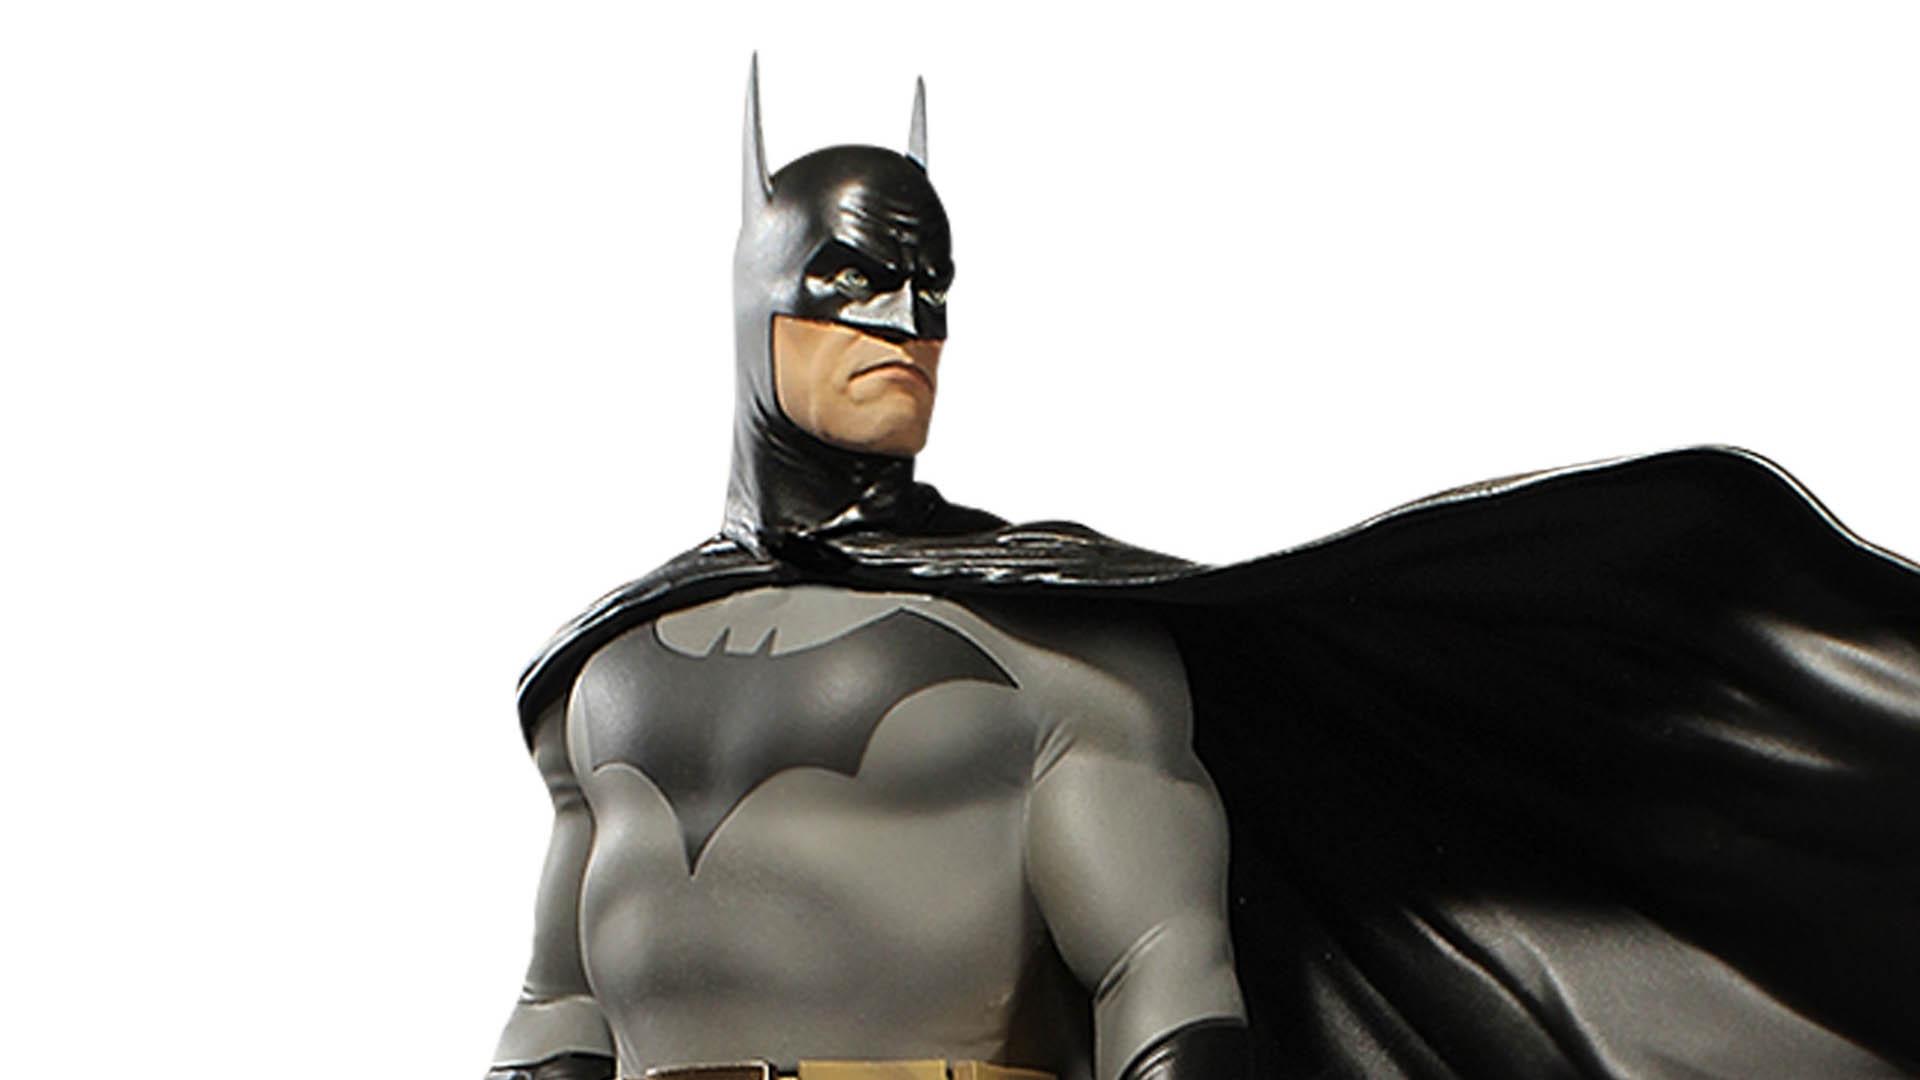 Hush Batman by Jim Lee New Action Figure DC Collectibles Batman Black White